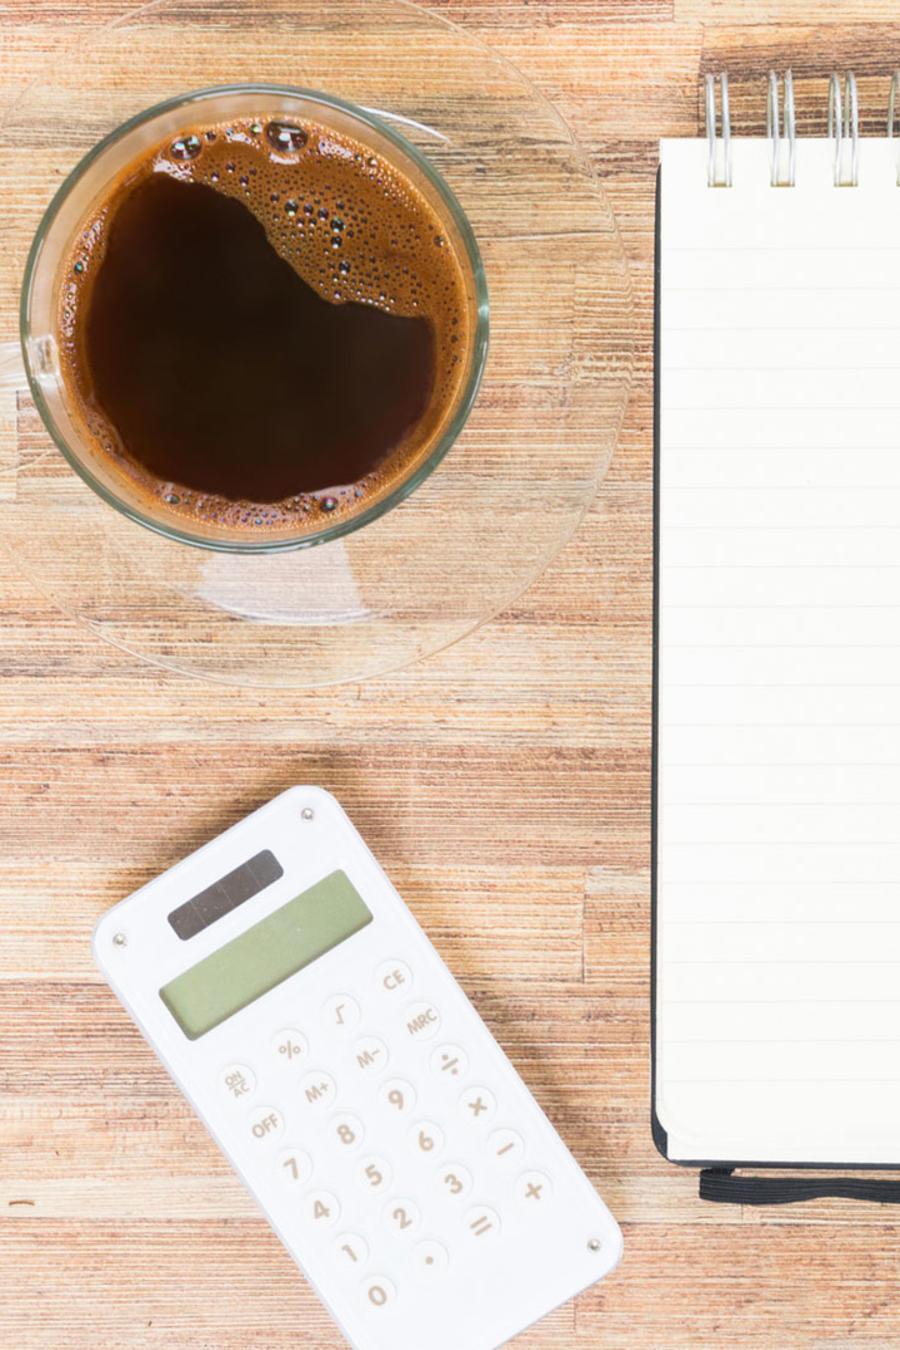 Cuaderno, calculadora y taza de café